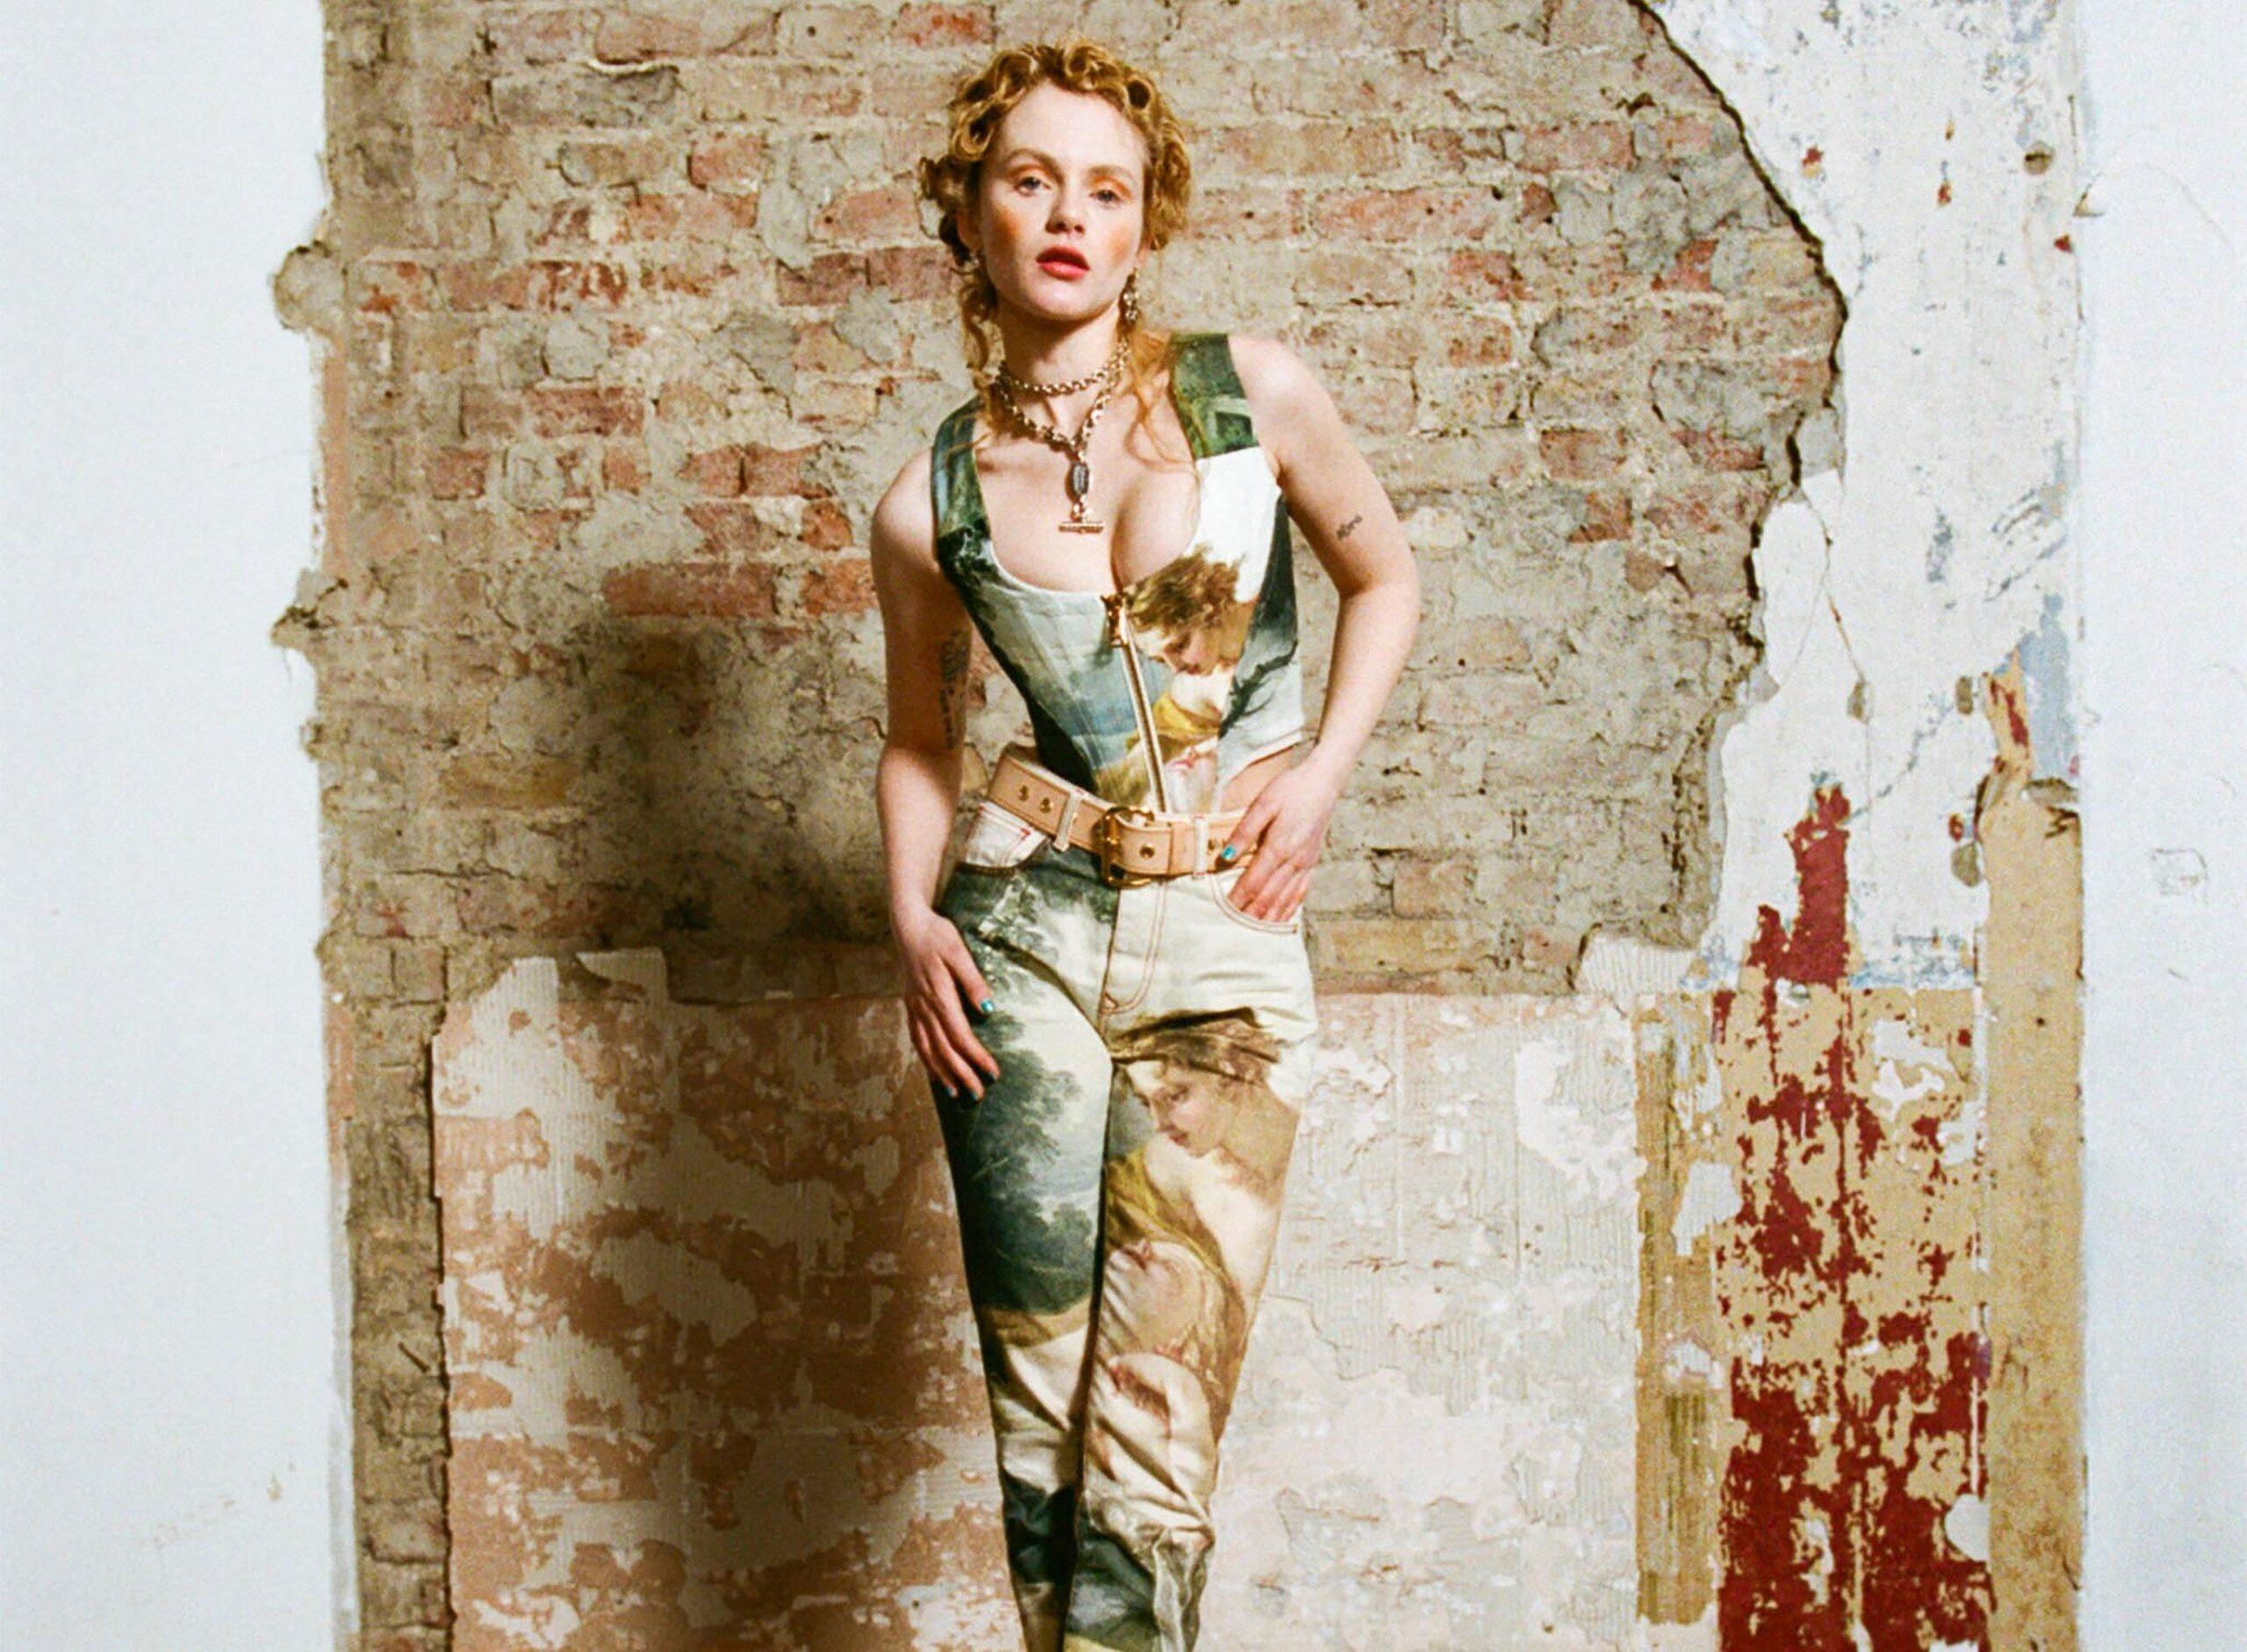 Модная памятка: самые важные события Недели моды в Лондоне 19 и 20 февраля